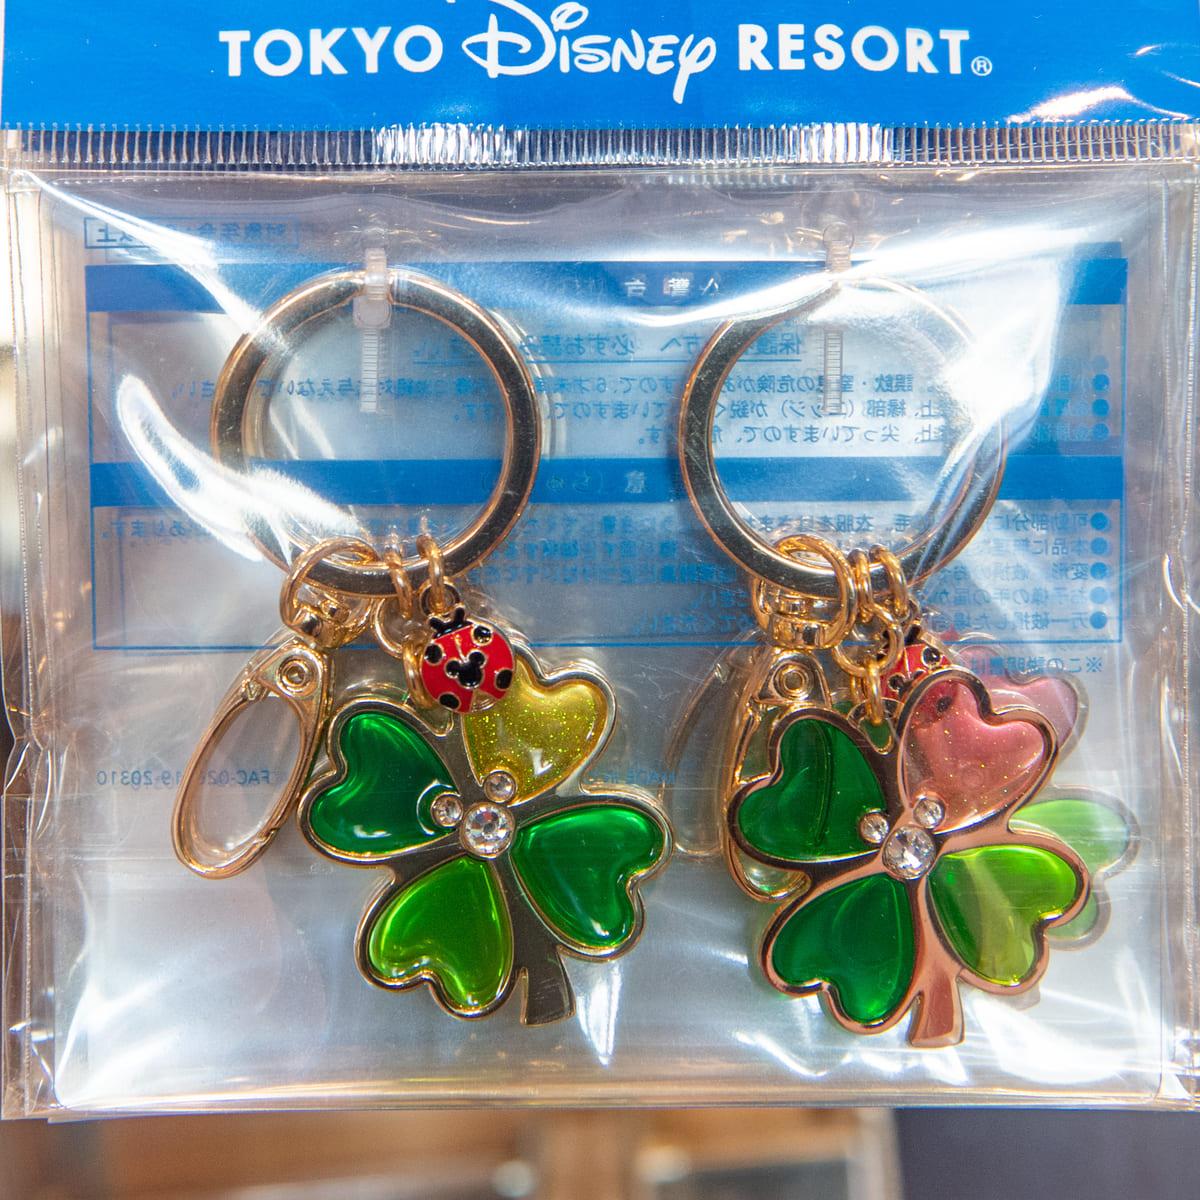 東京ディズニーランド四つ葉のクローバー型キーチェーン